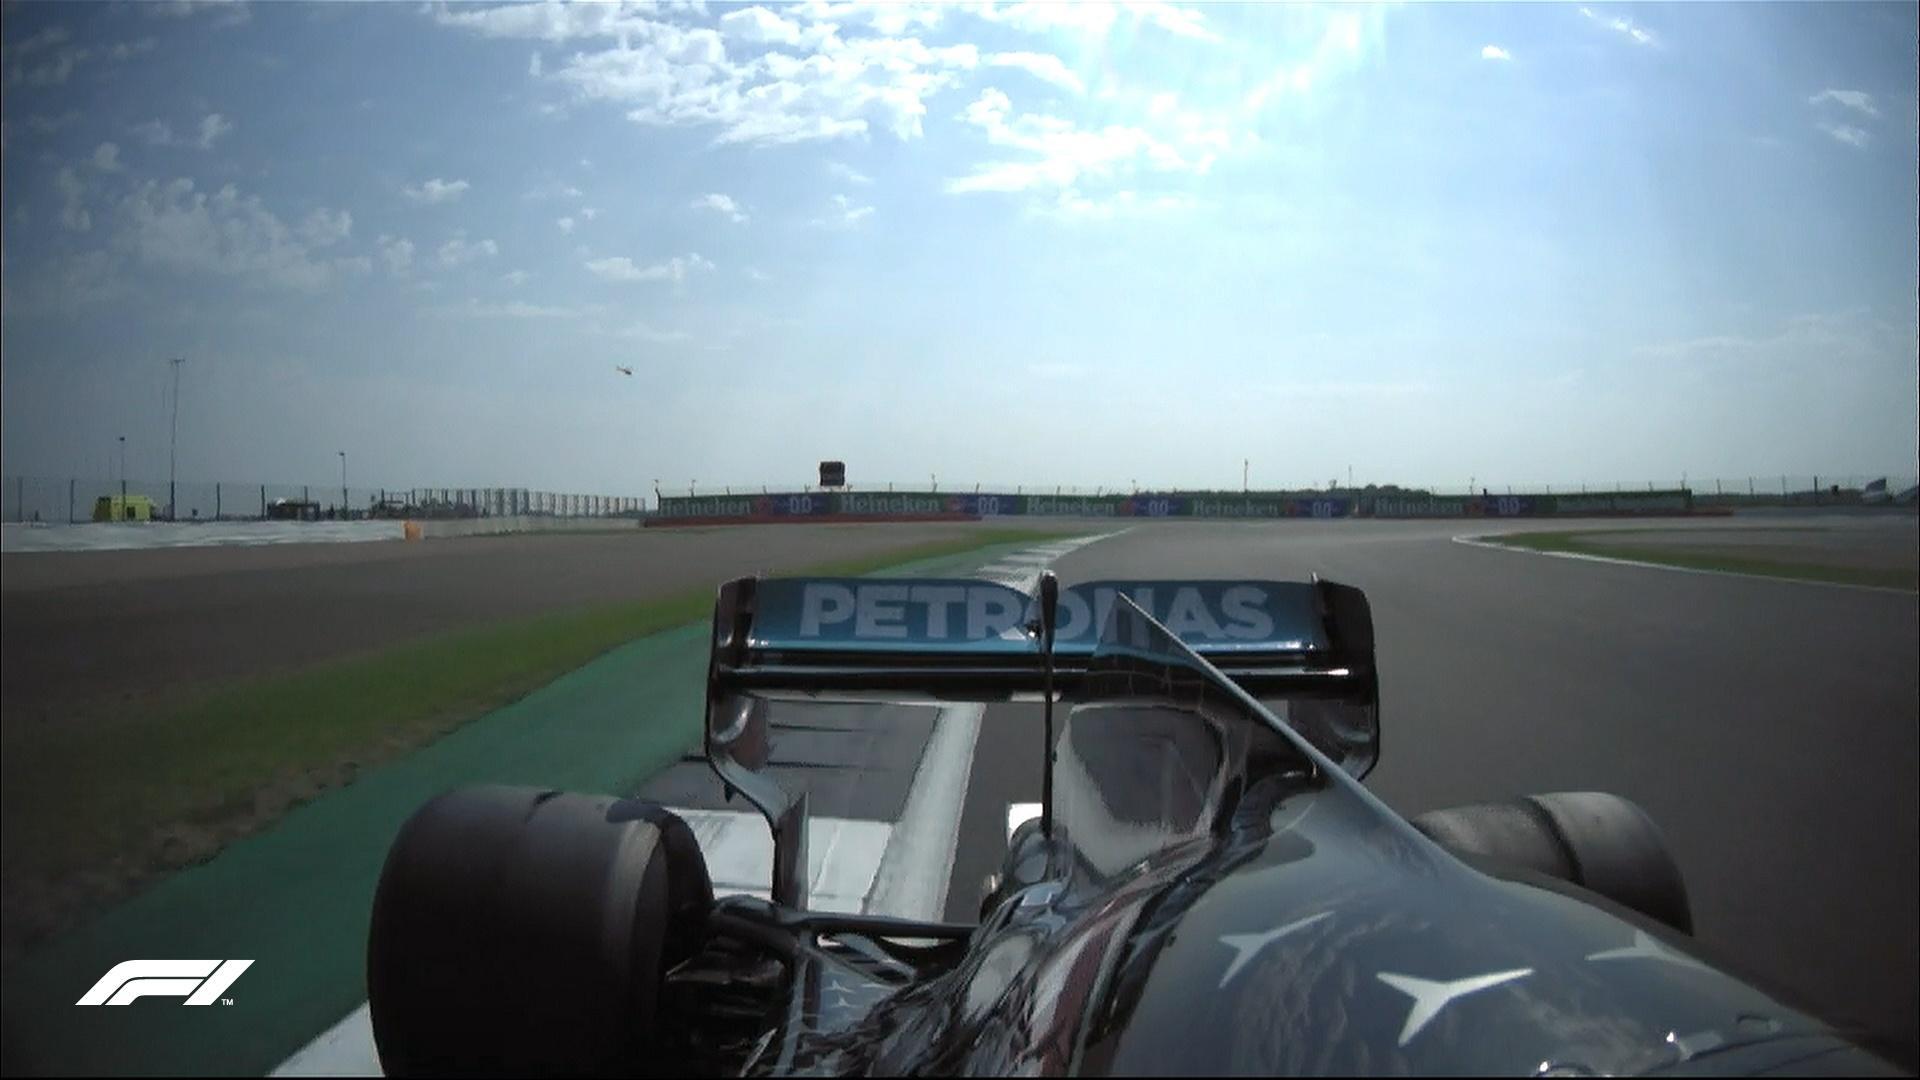 Na volta 34 do GP de Silverstone, Mercedes de Lewis Hamilton apresenta problemas nos pneus - Reprodução/@F1